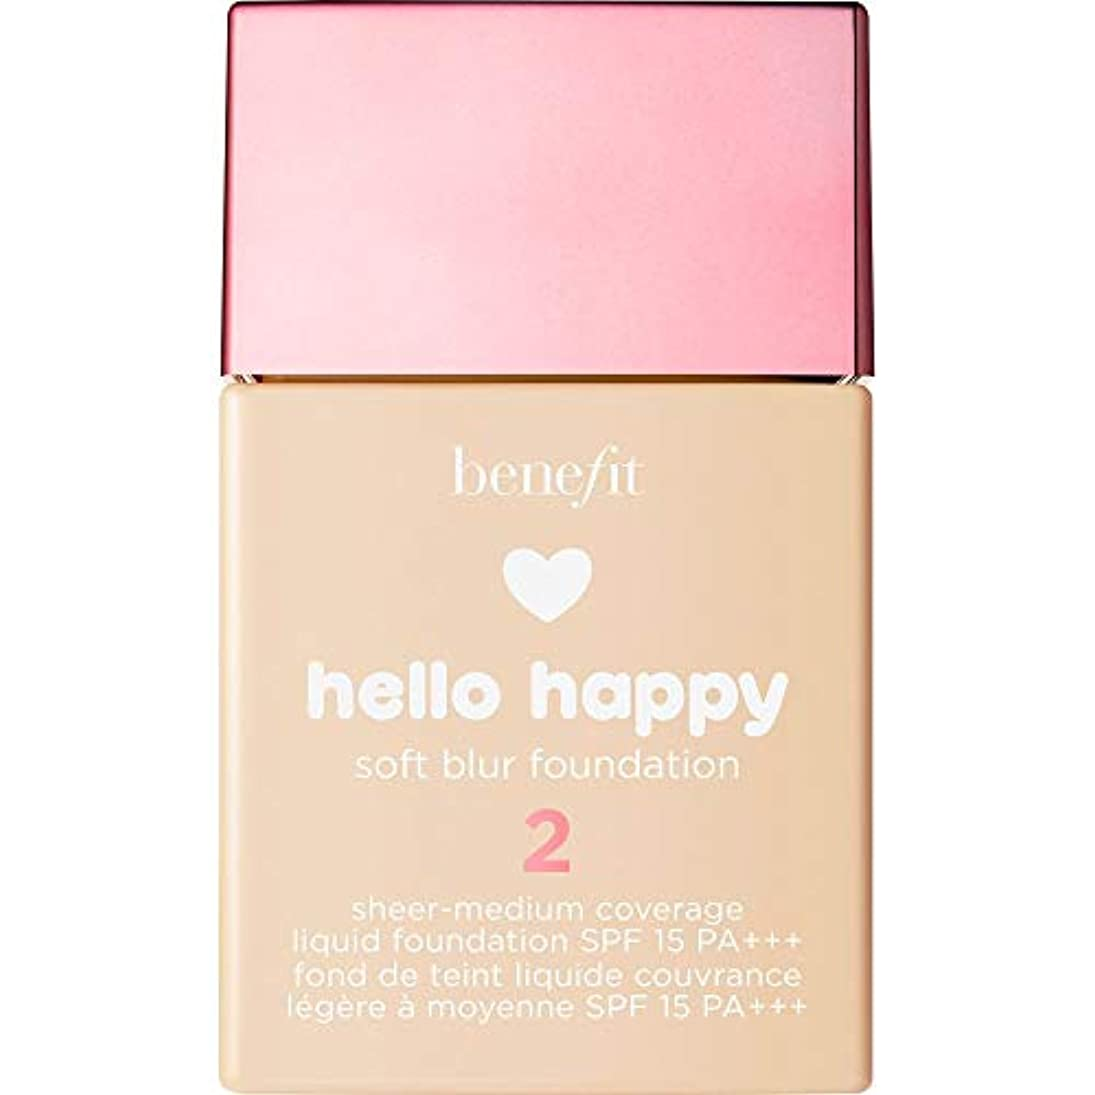 塗抹ガイダンスうまくやる()[Benefit ] こんにちは幸せなソフトブラー基礎Spf15 30ミリリットル2に利益をもたらす - 暖かい光 - Benefit Hello Happy Soft Blur Foundation SPF15 30ml...